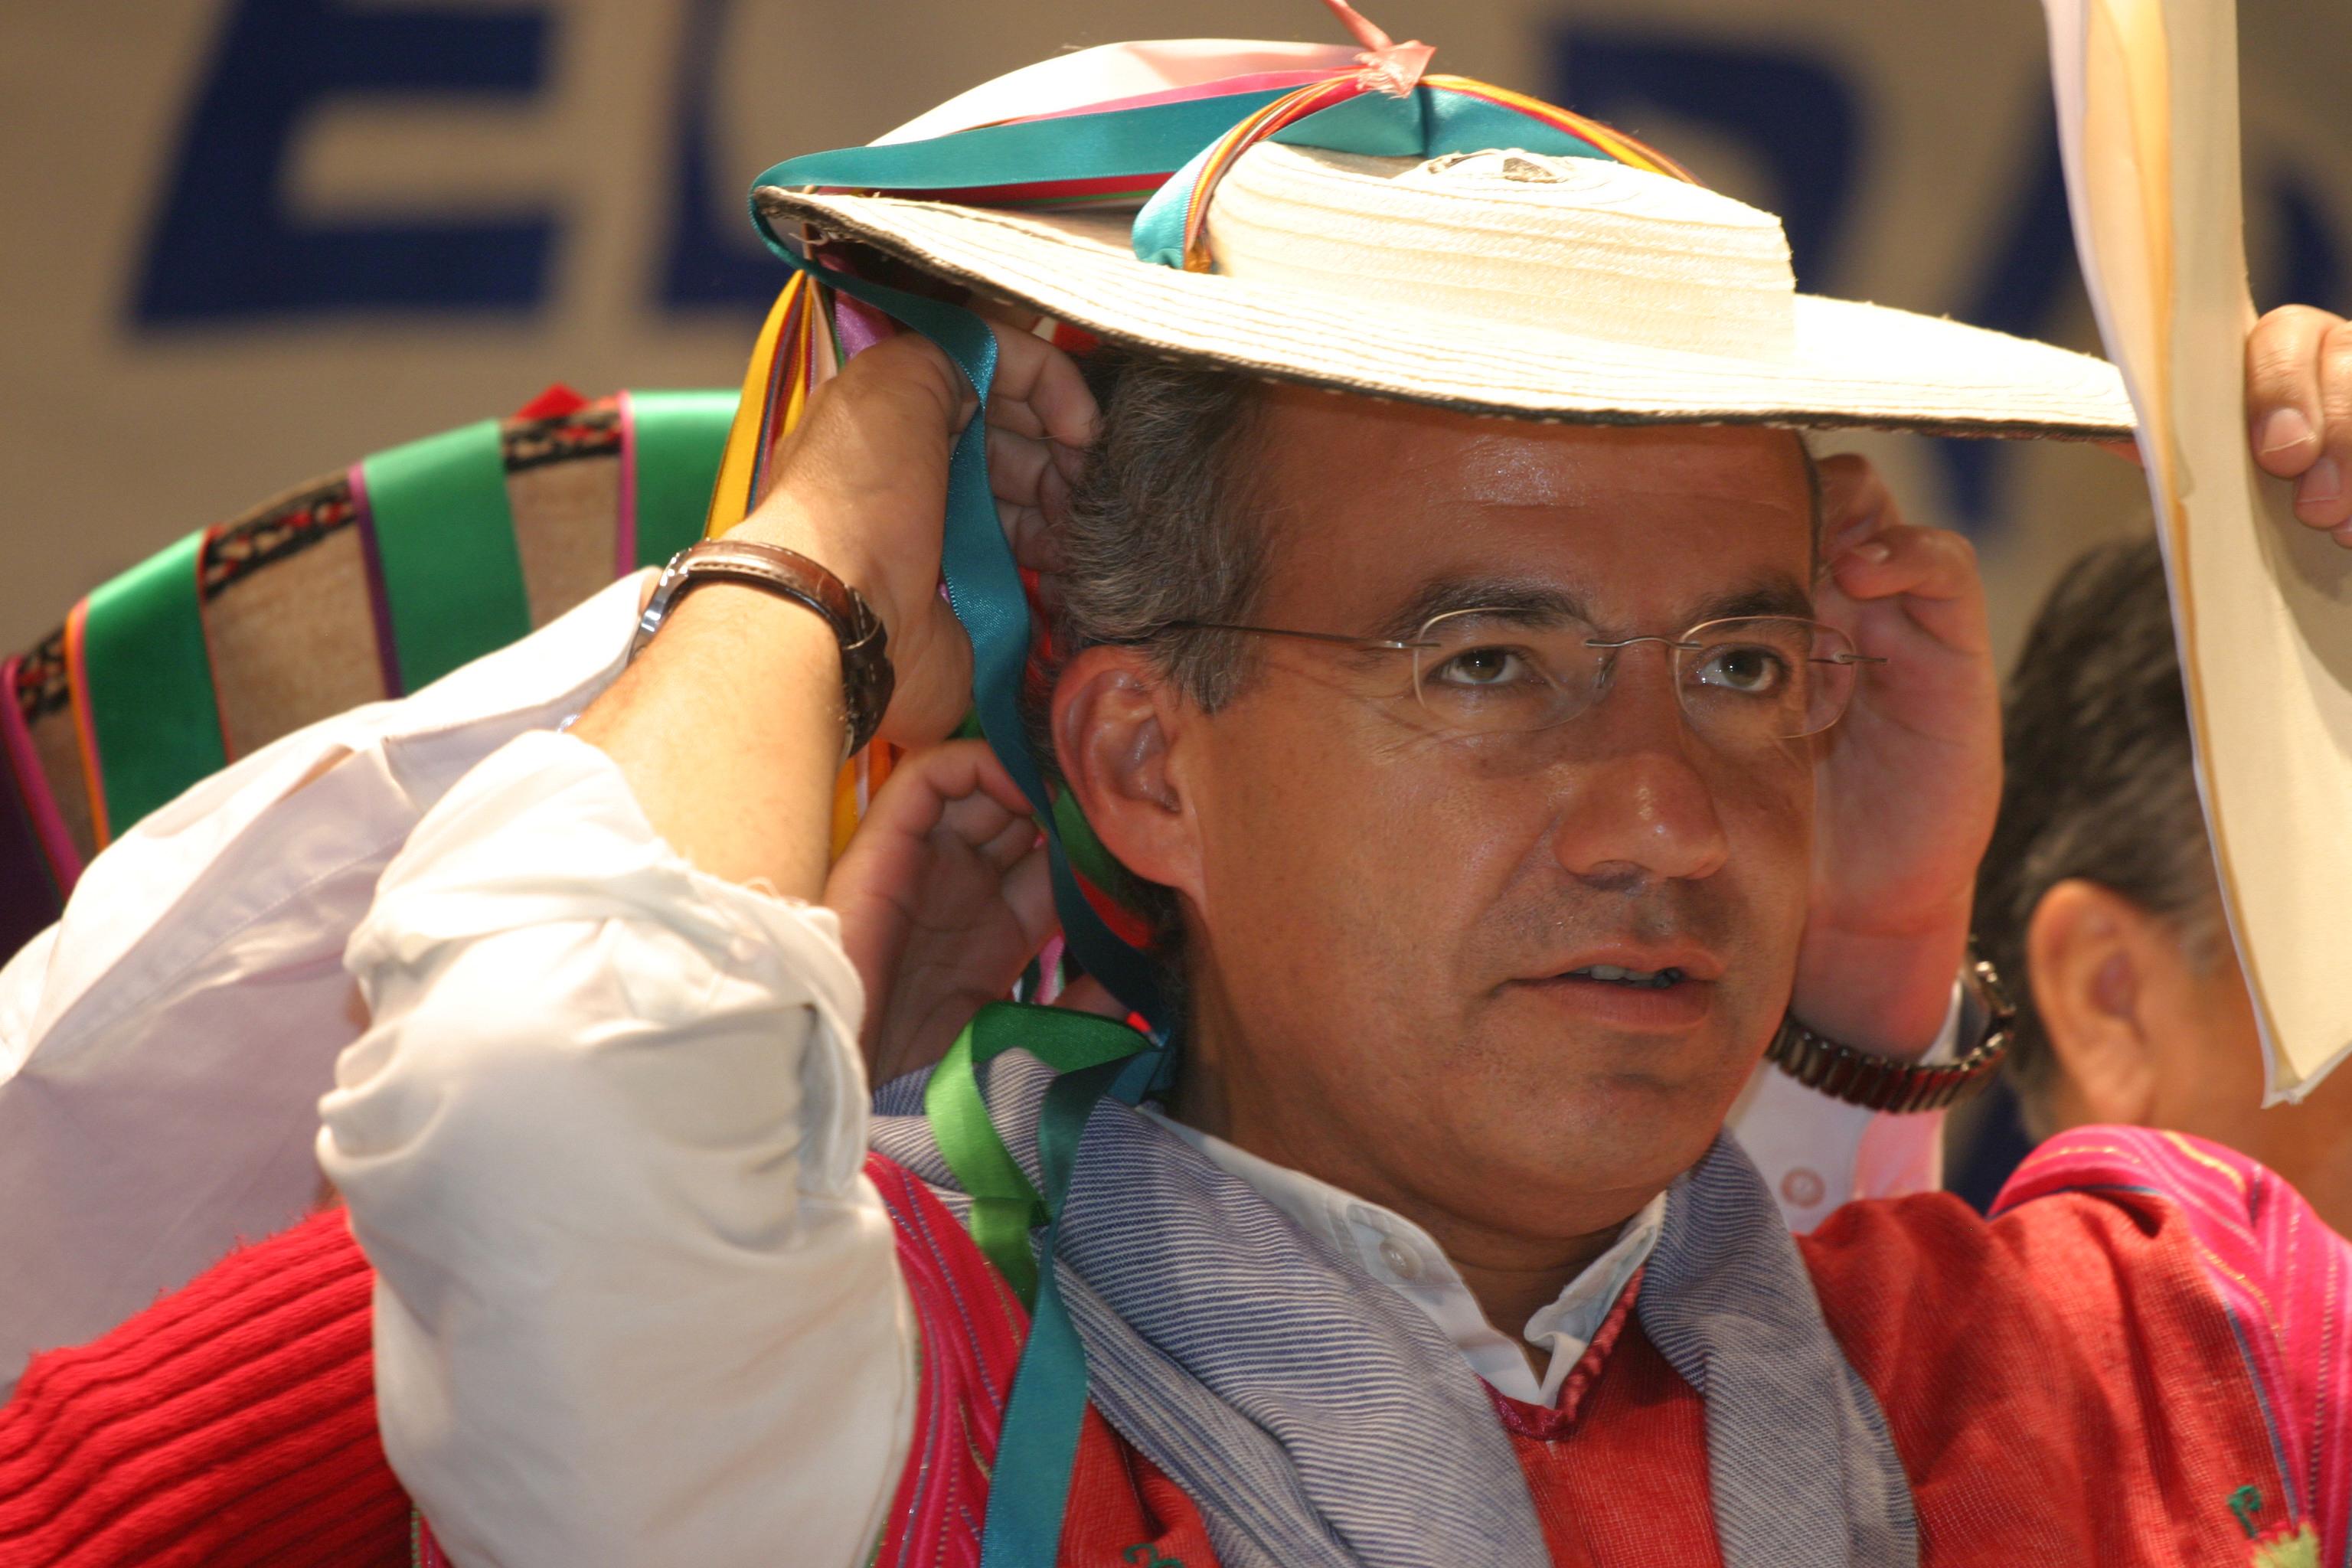 Calderon-elections, Newscom